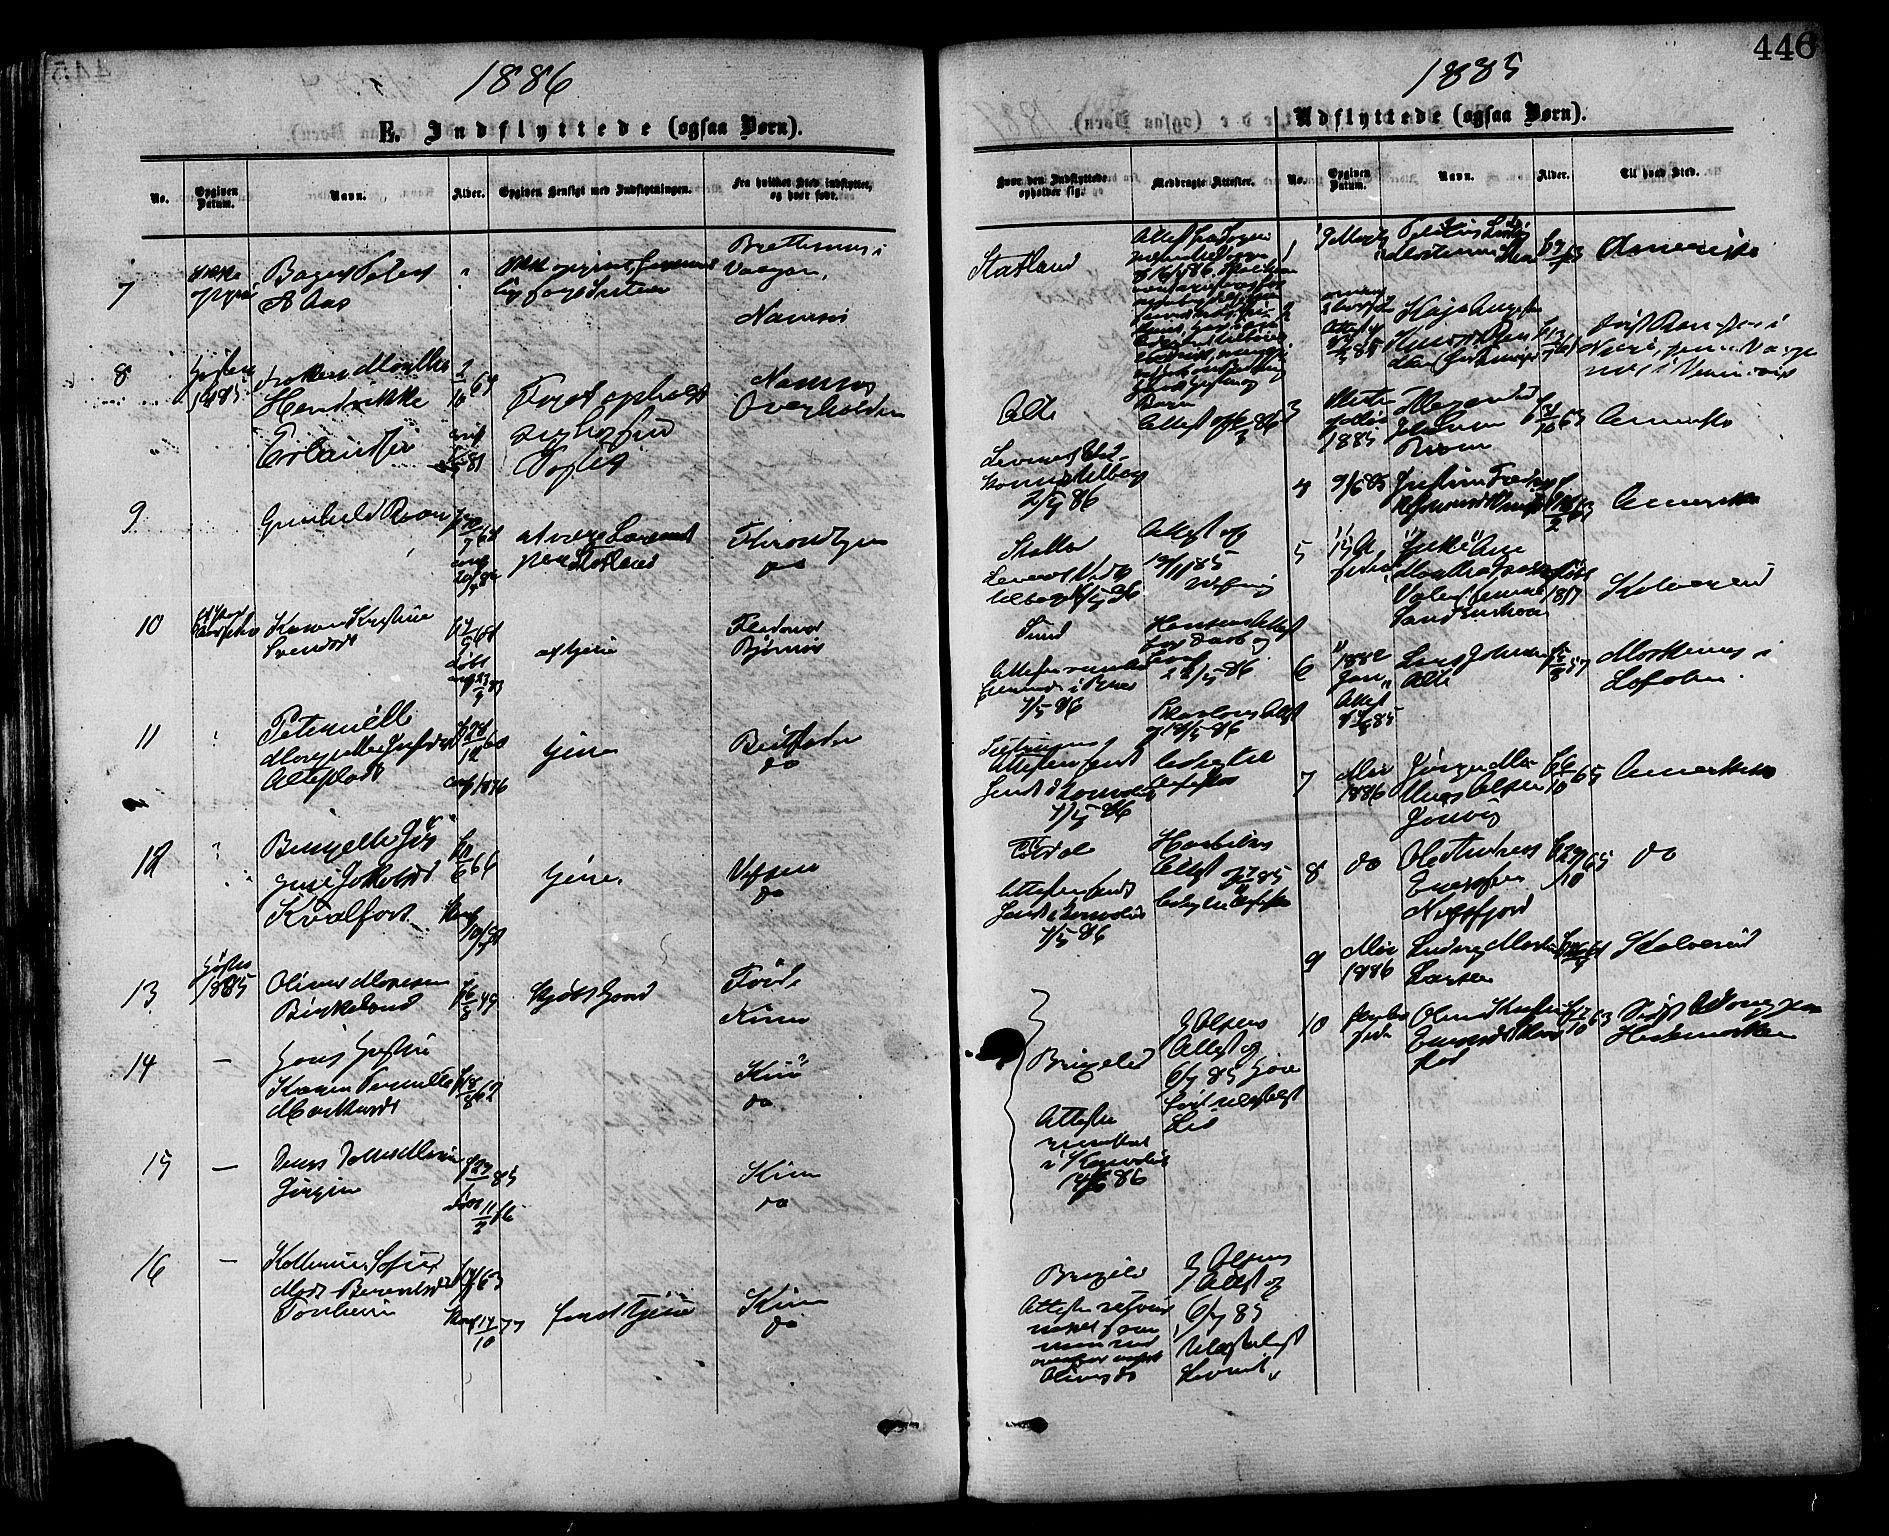 SAT, Ministerialprotokoller, klokkerbøker og fødselsregistre - Nord-Trøndelag, 773/L0616: Ministerialbok nr. 773A07, 1870-1887, s. 446